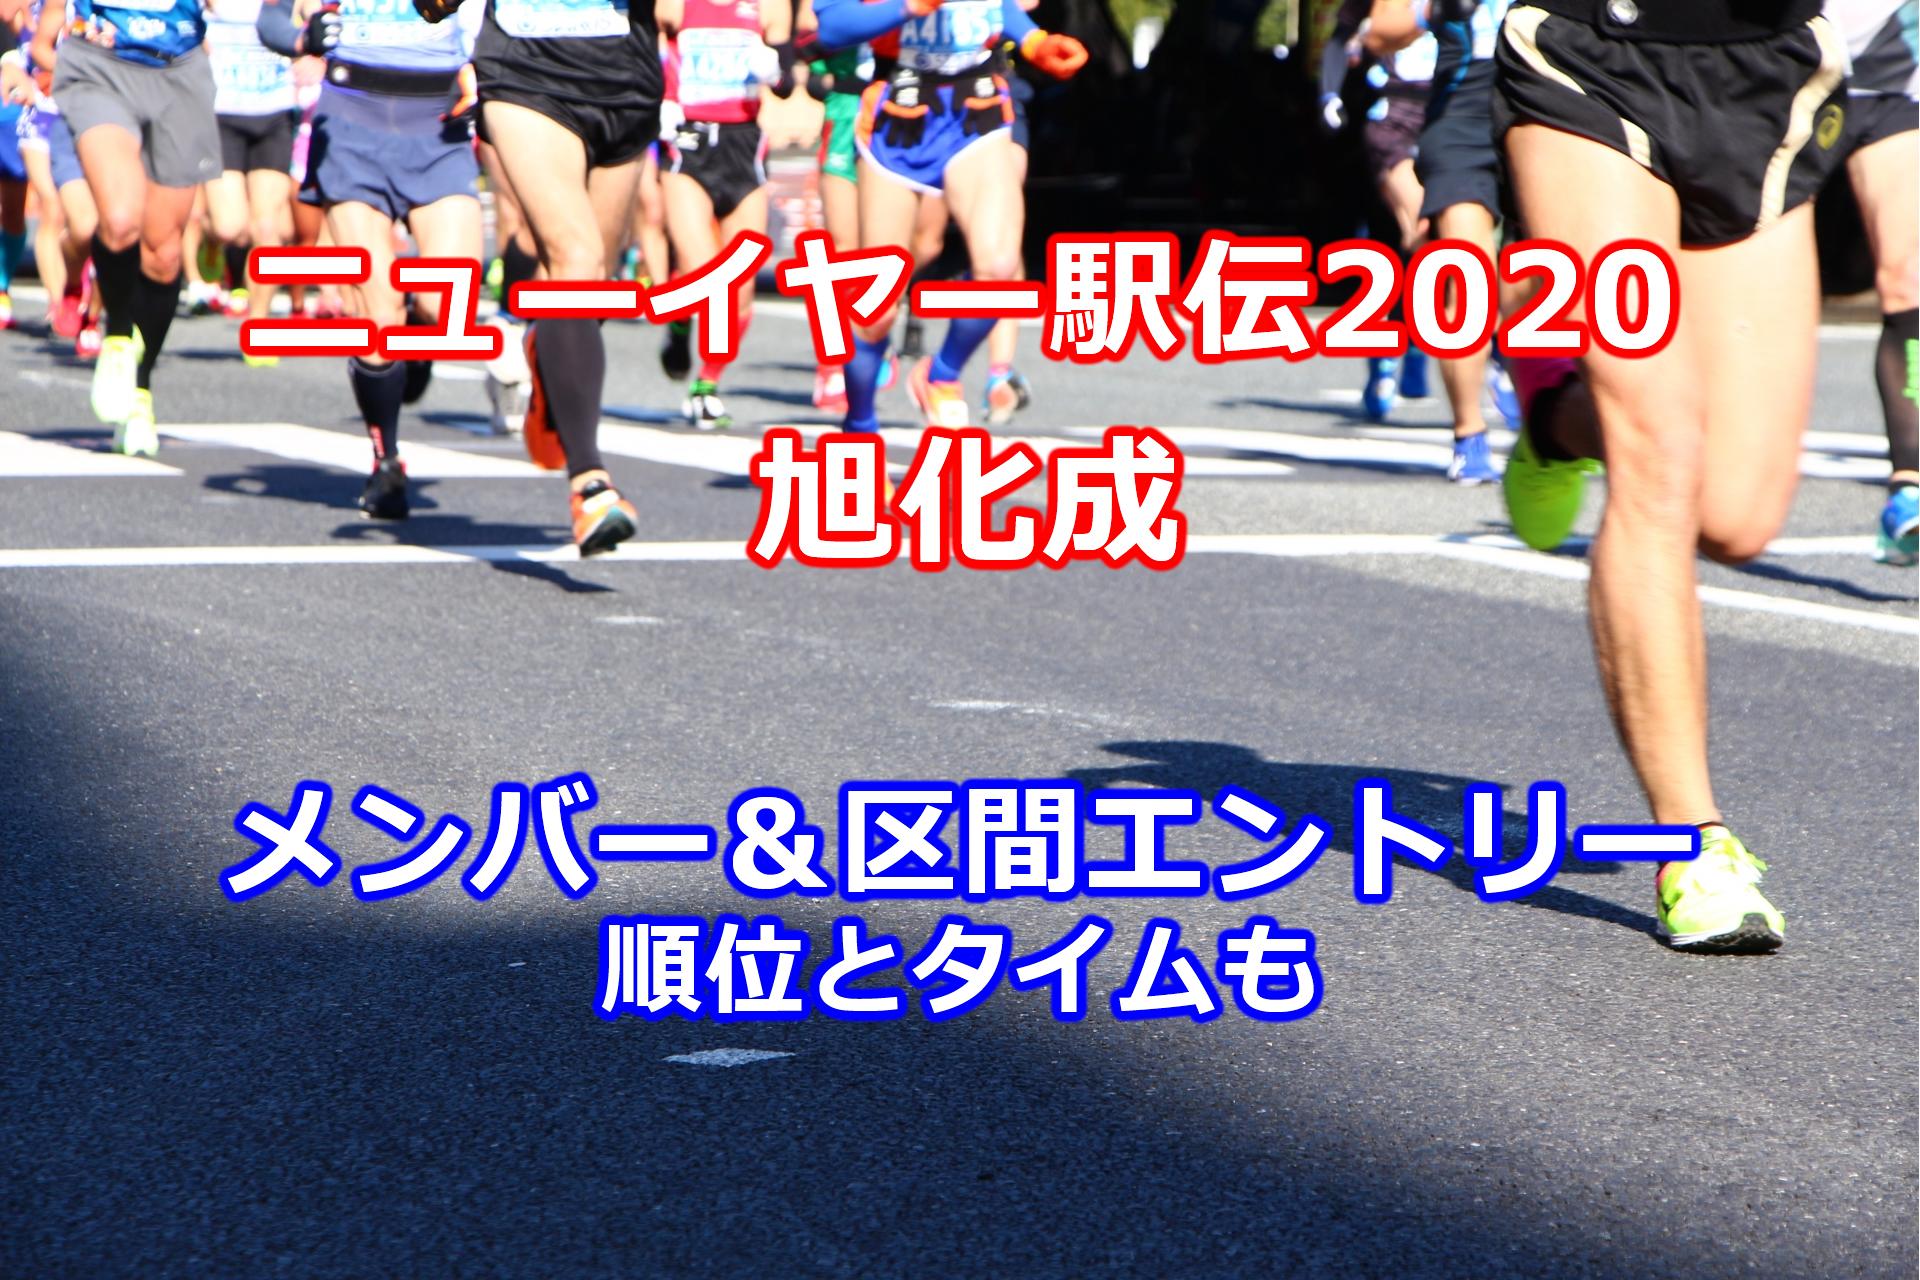 ニューイヤー駅伝2020旭化成メンバー・区間エントリー・結果・順位・タイムまとめ